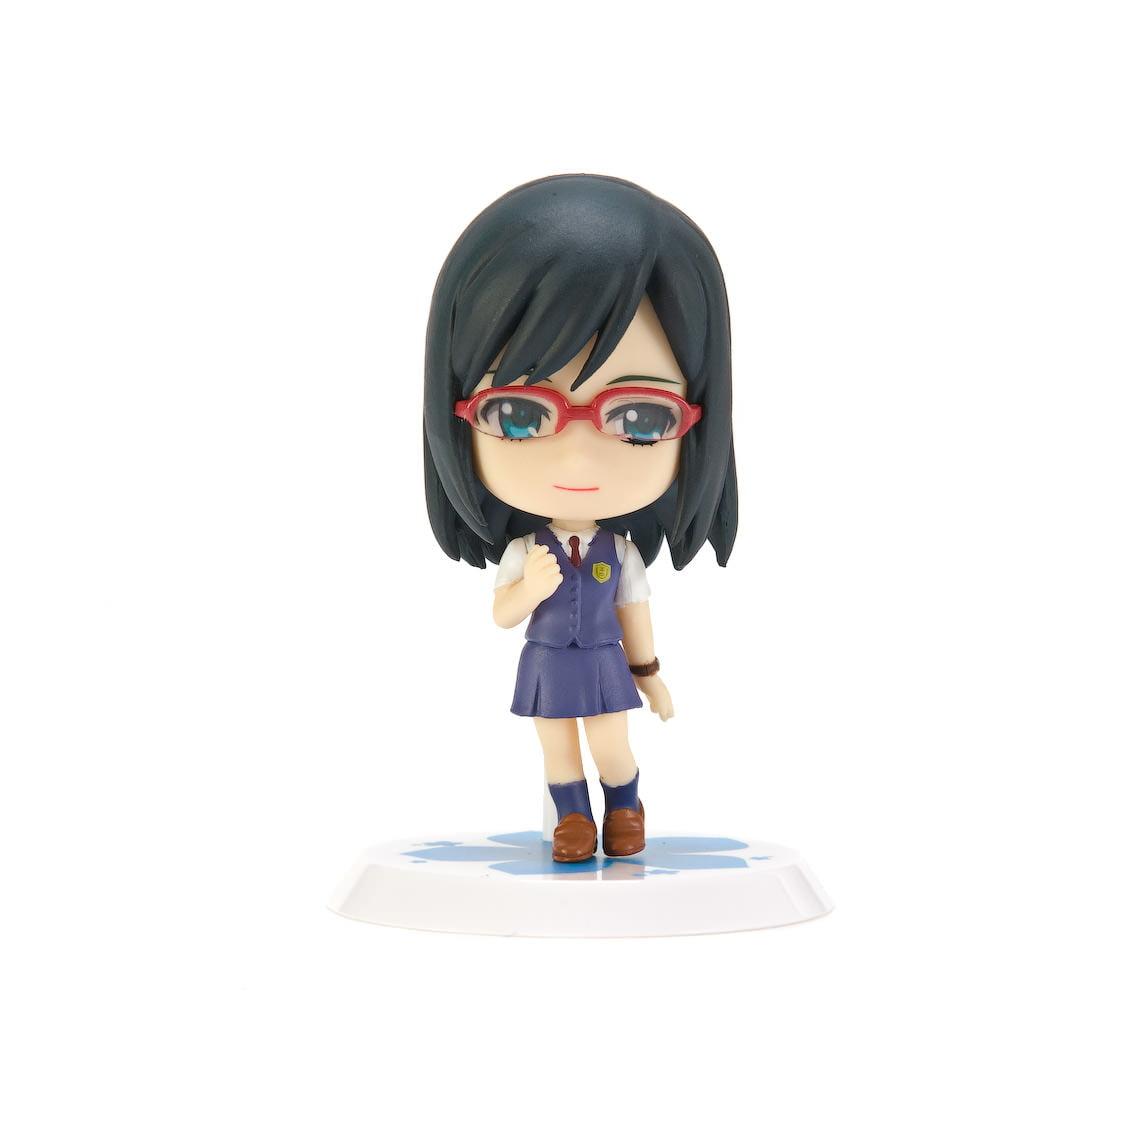 Anohana Tsurumi Chiriko Chibi Kyun-Chara PVC Figure by